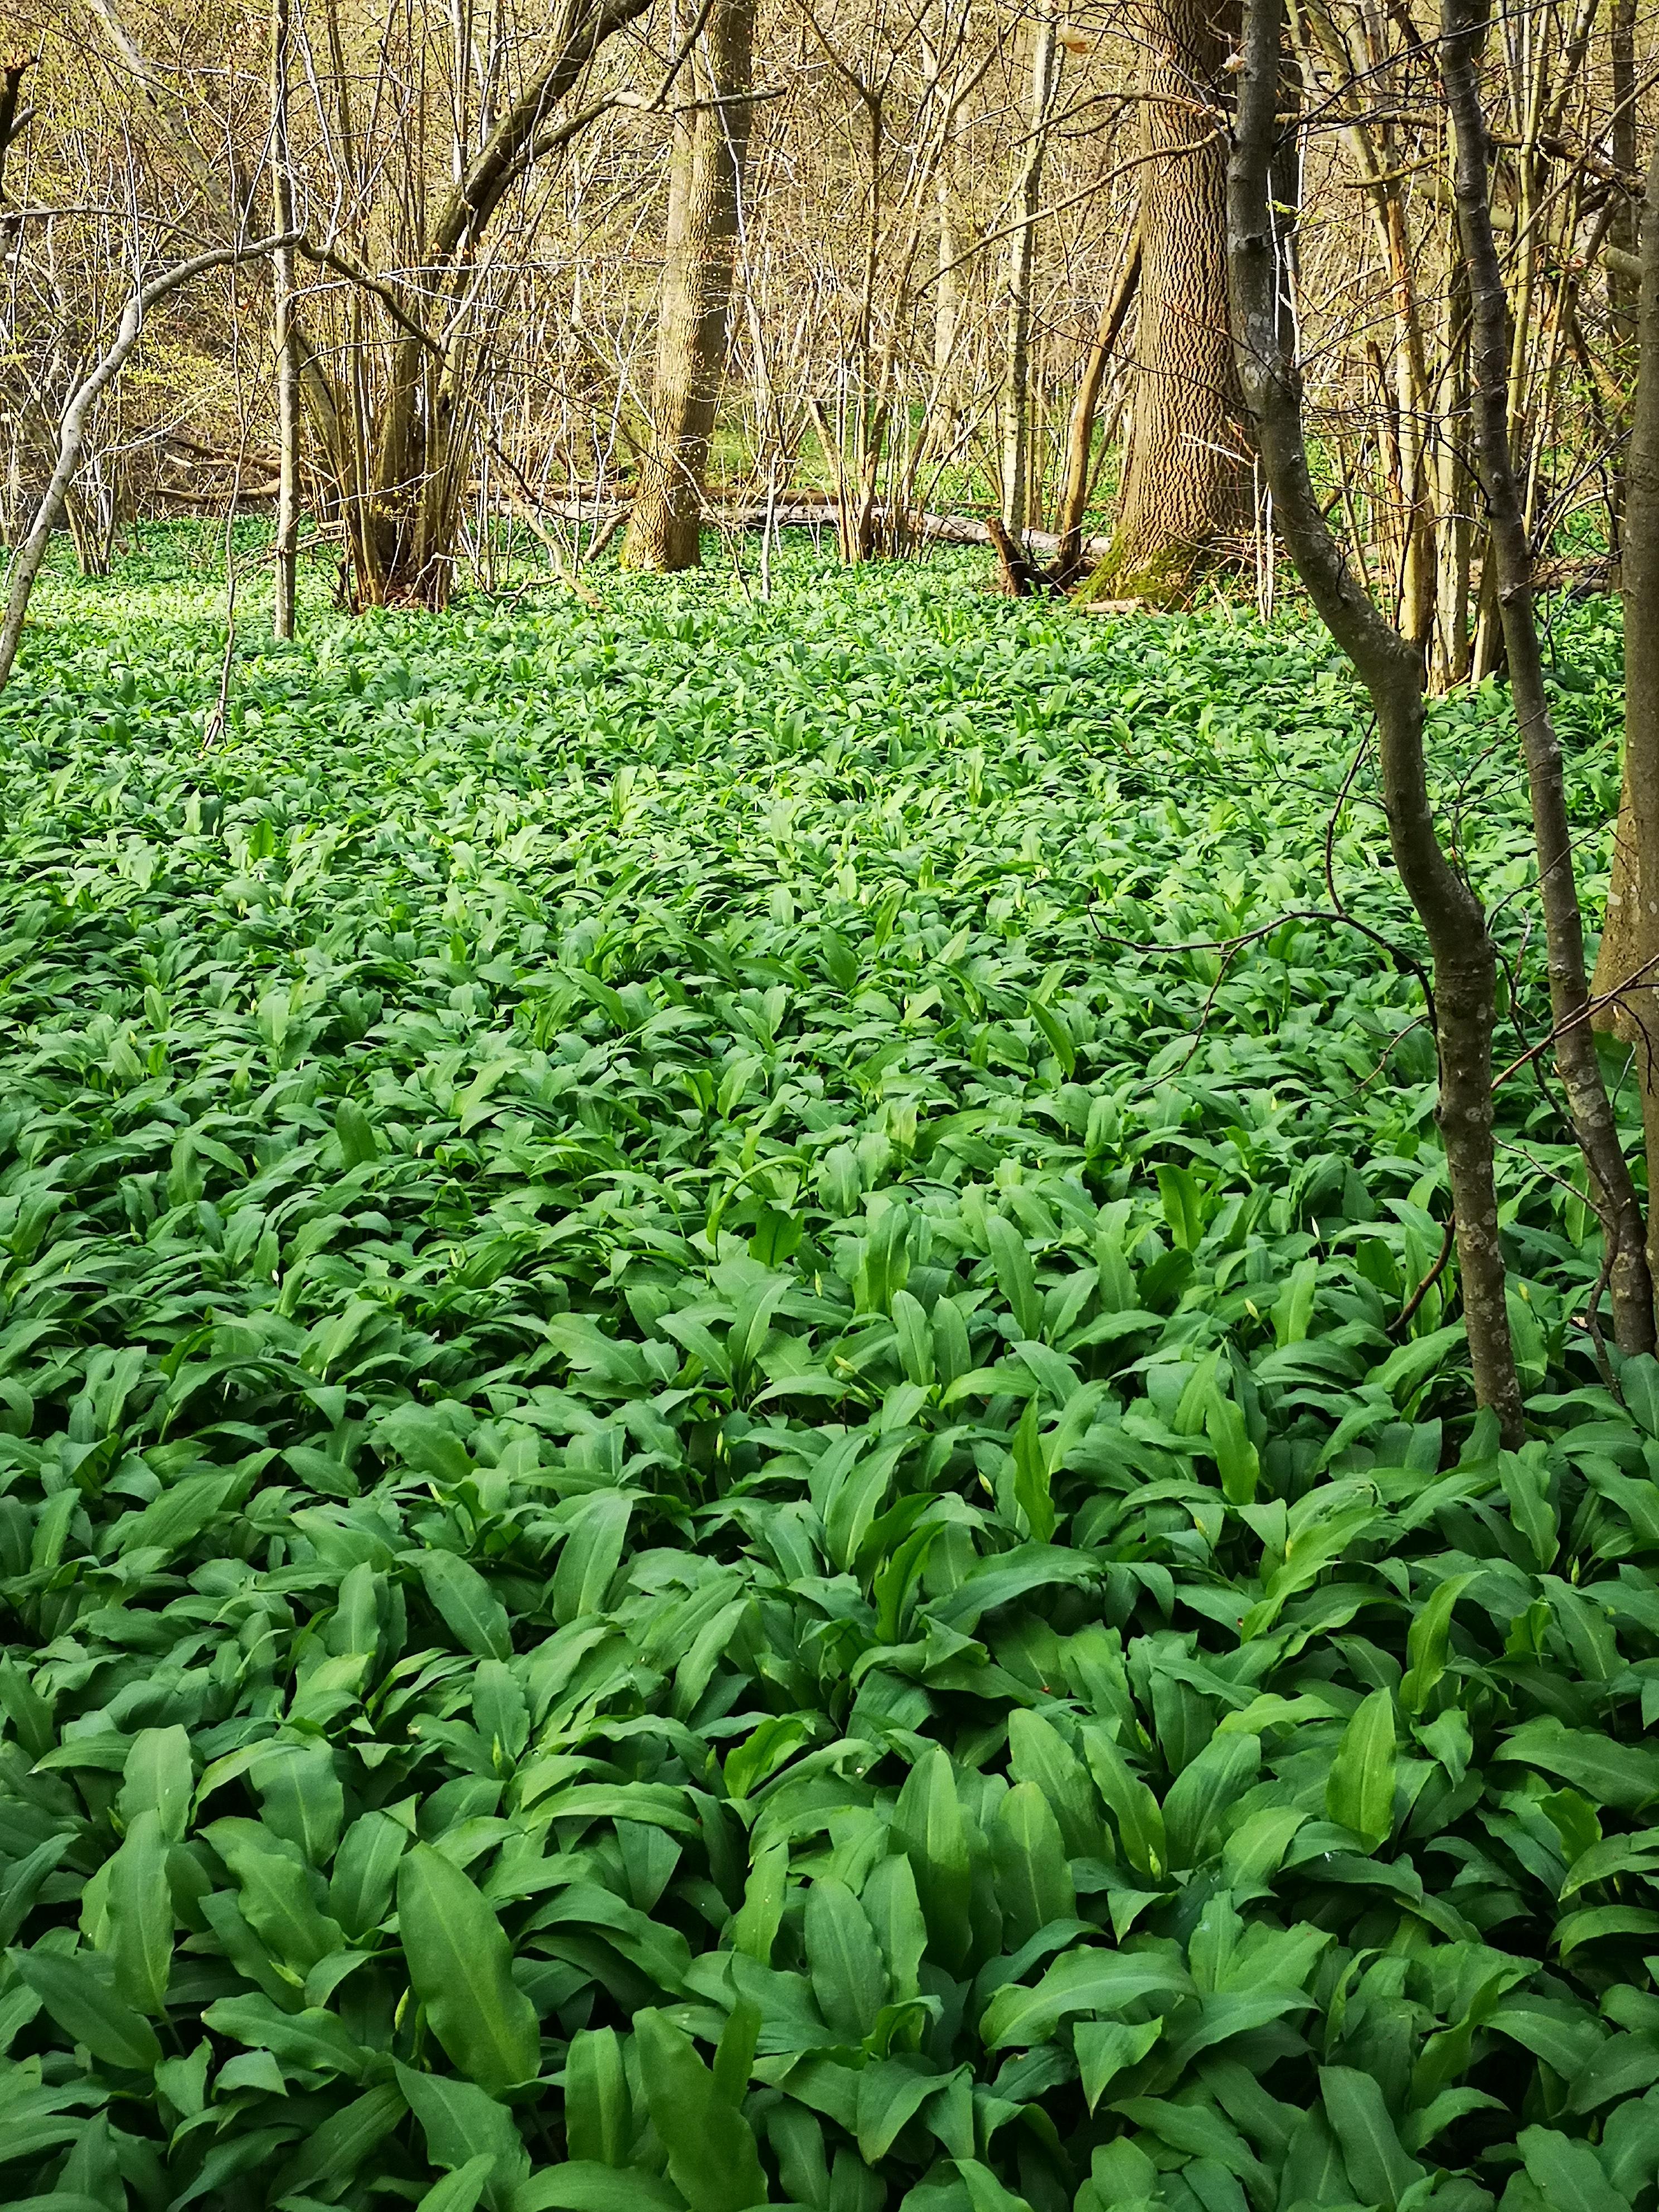 Ramsløgen springer udi løbet af foråret. Det skabe et visuelt smukt landskab og giver en fantastisk duft når man bevæger sig i naturen.